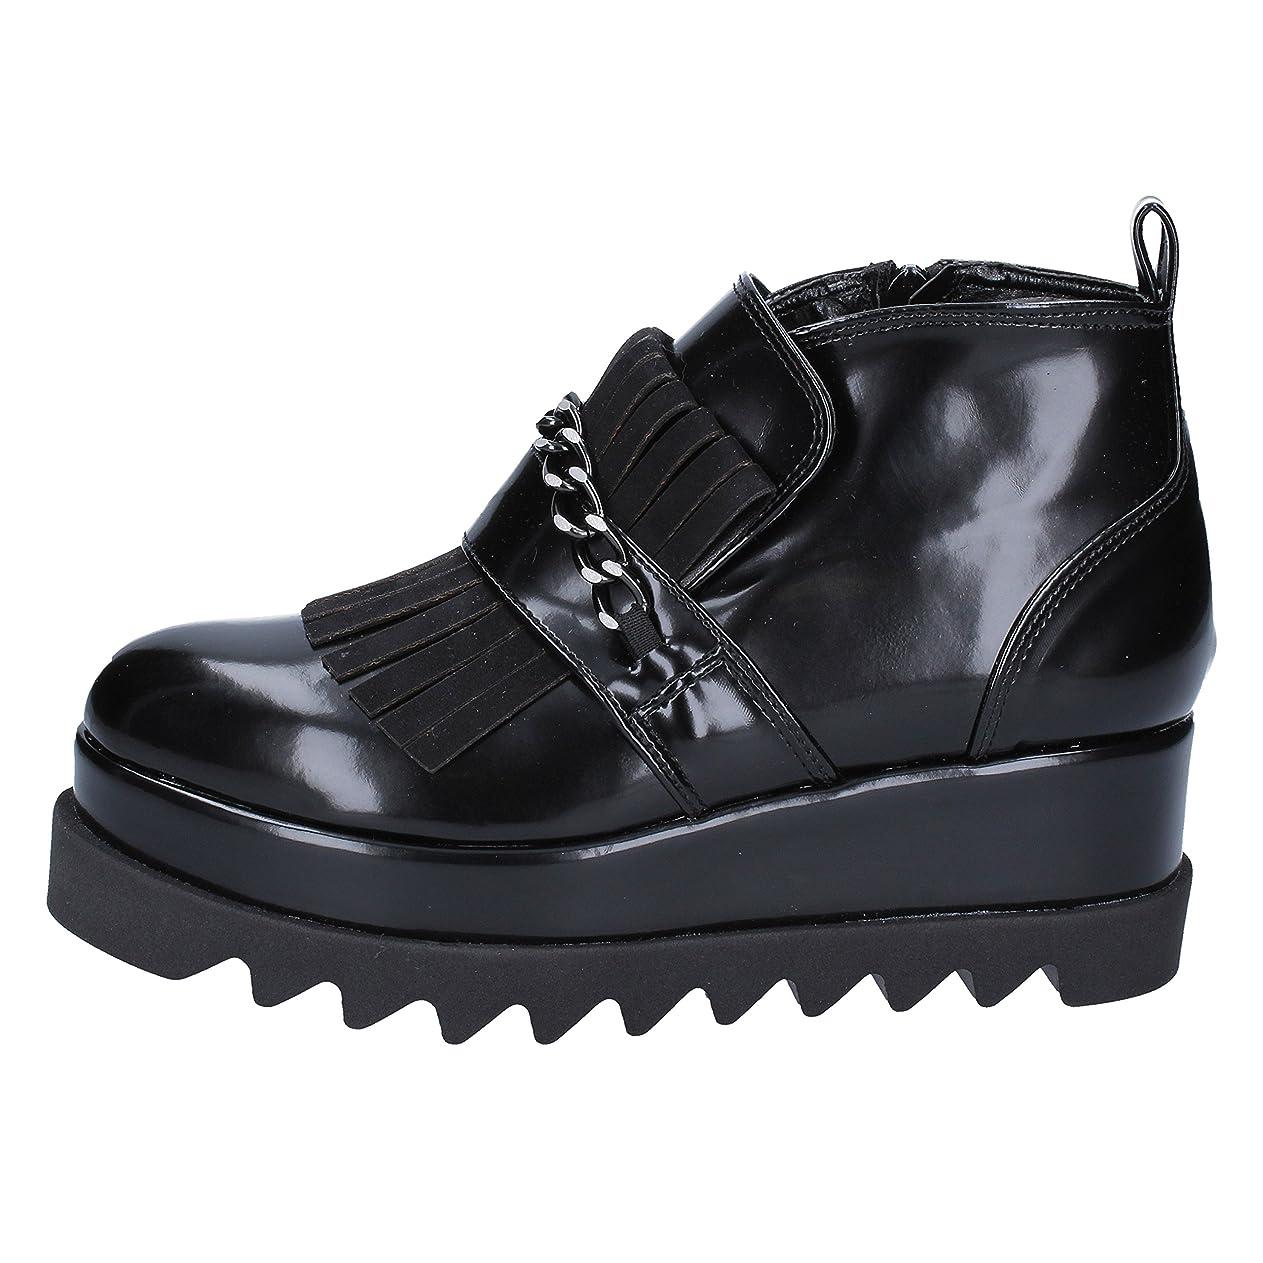 あたたかい目的[OLGA RUBINI] 古典的な女性の靴 レディース レザー ブラック 26.5cm